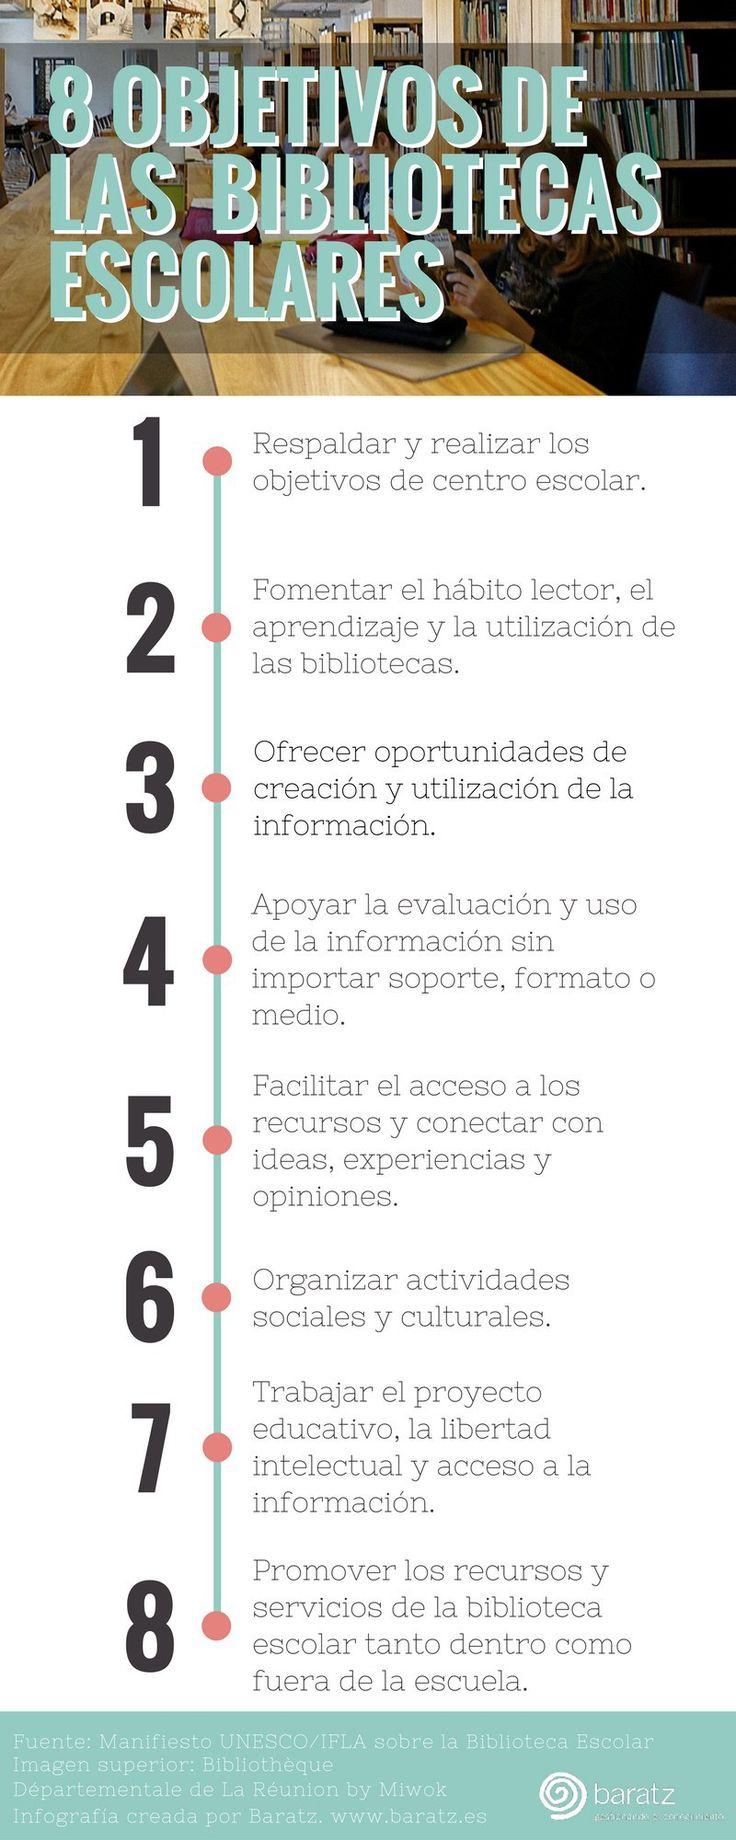 8 objetivos de las Bibliotecas Escolares #infografia